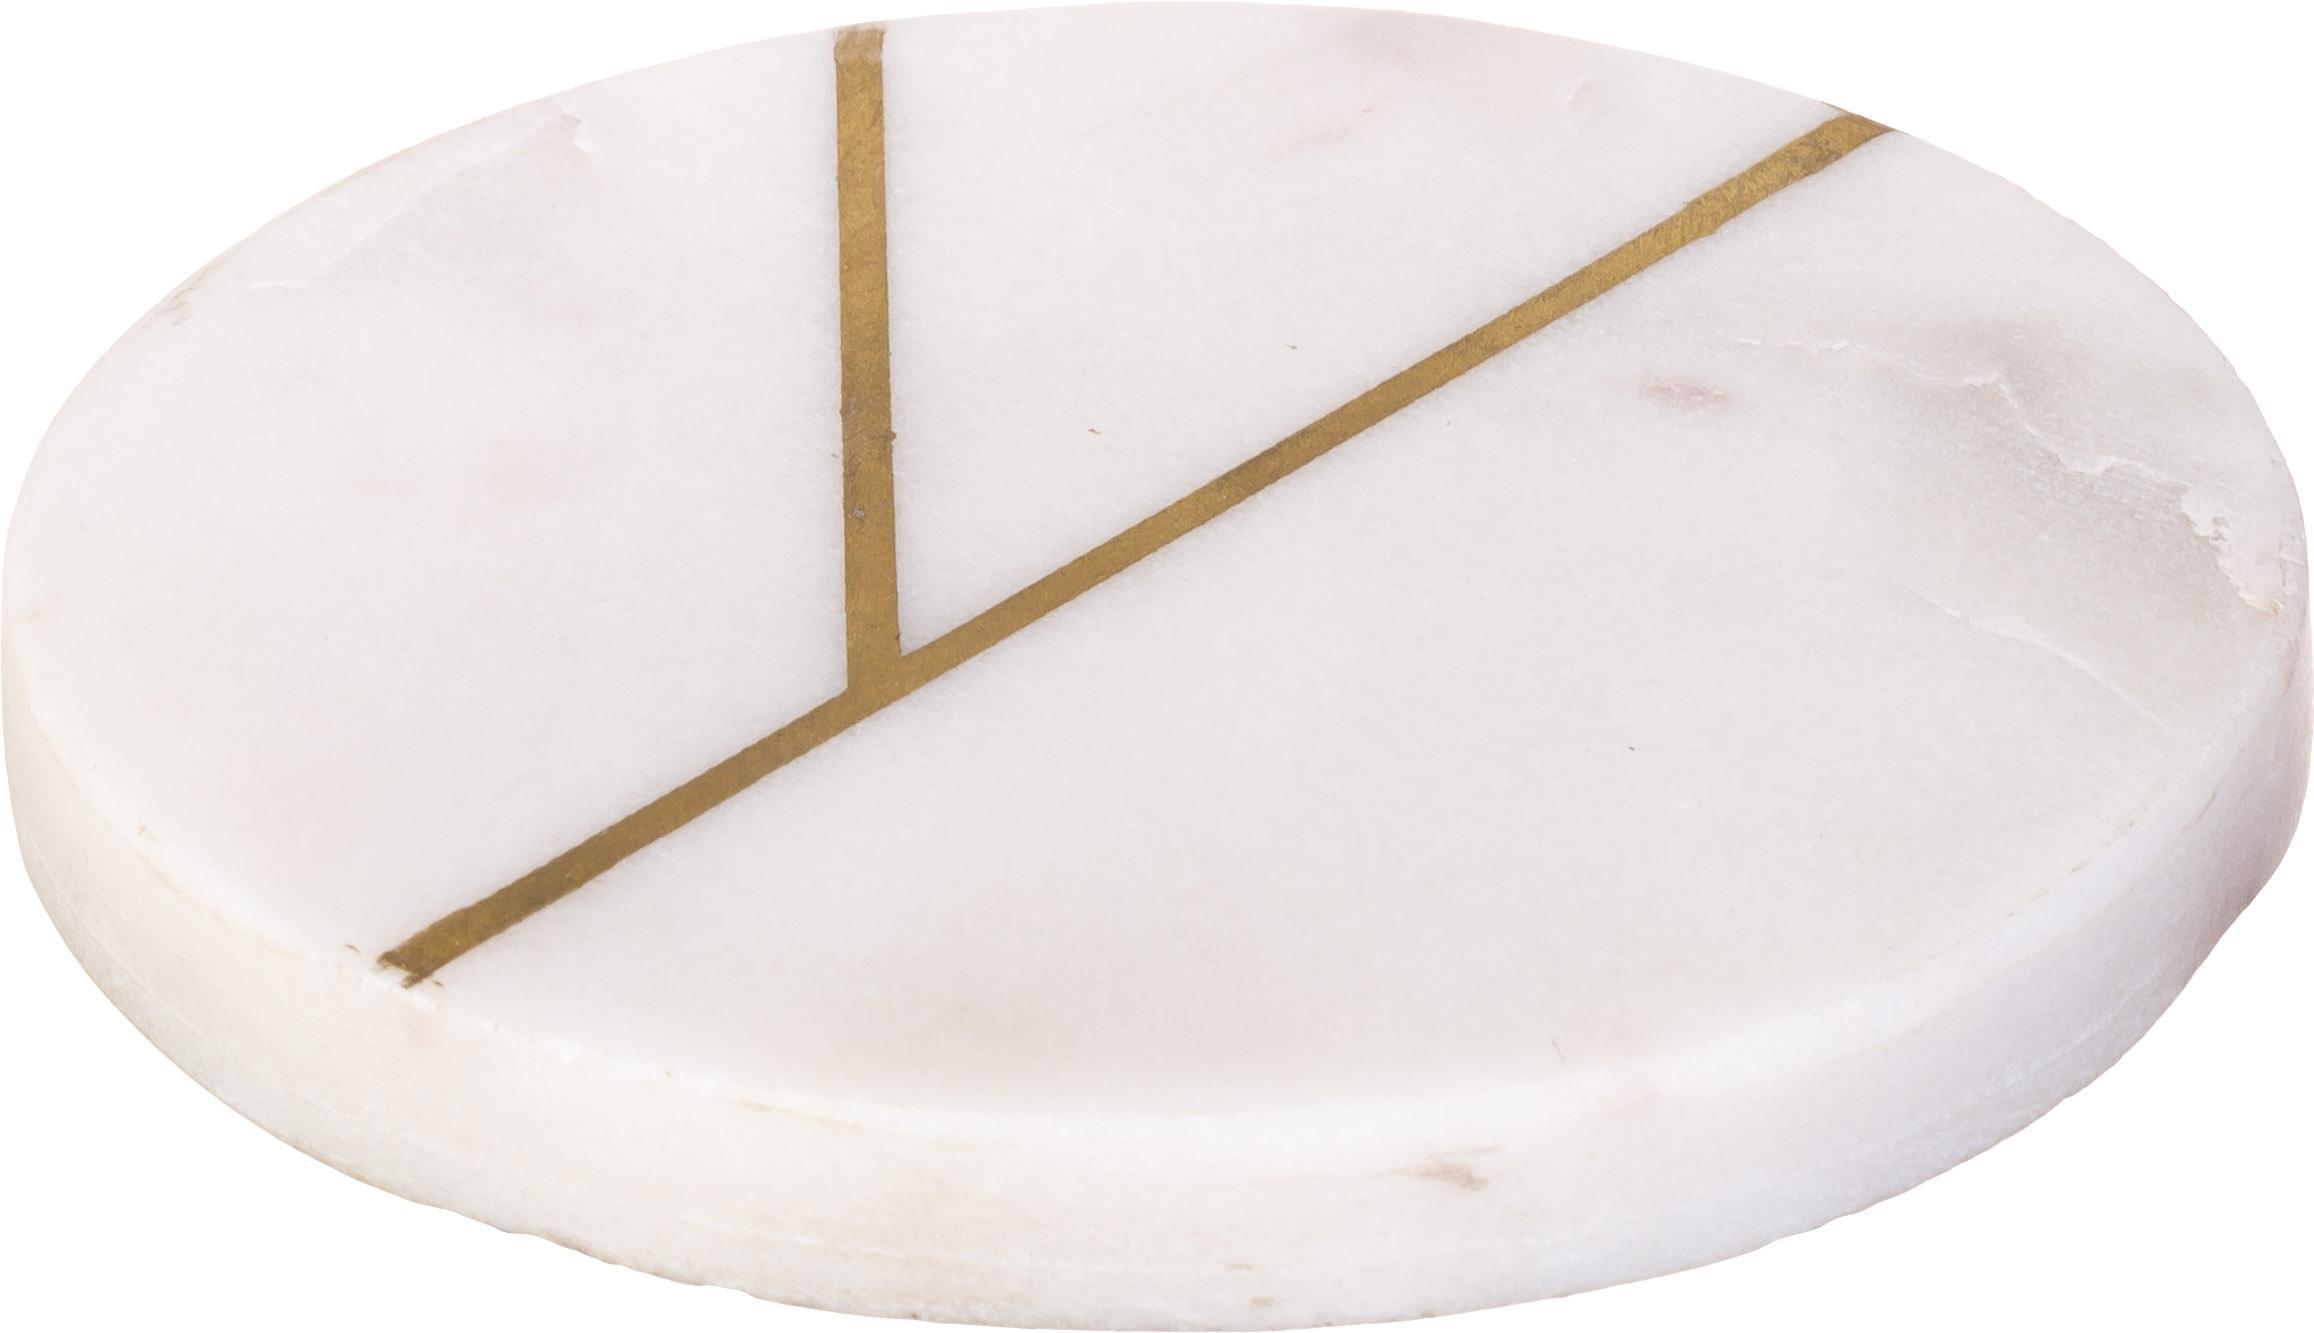 Posavasos de mármol Marek, 4uds., Mármol, Blanco, dorado, Ø 10 x Al 1 cm